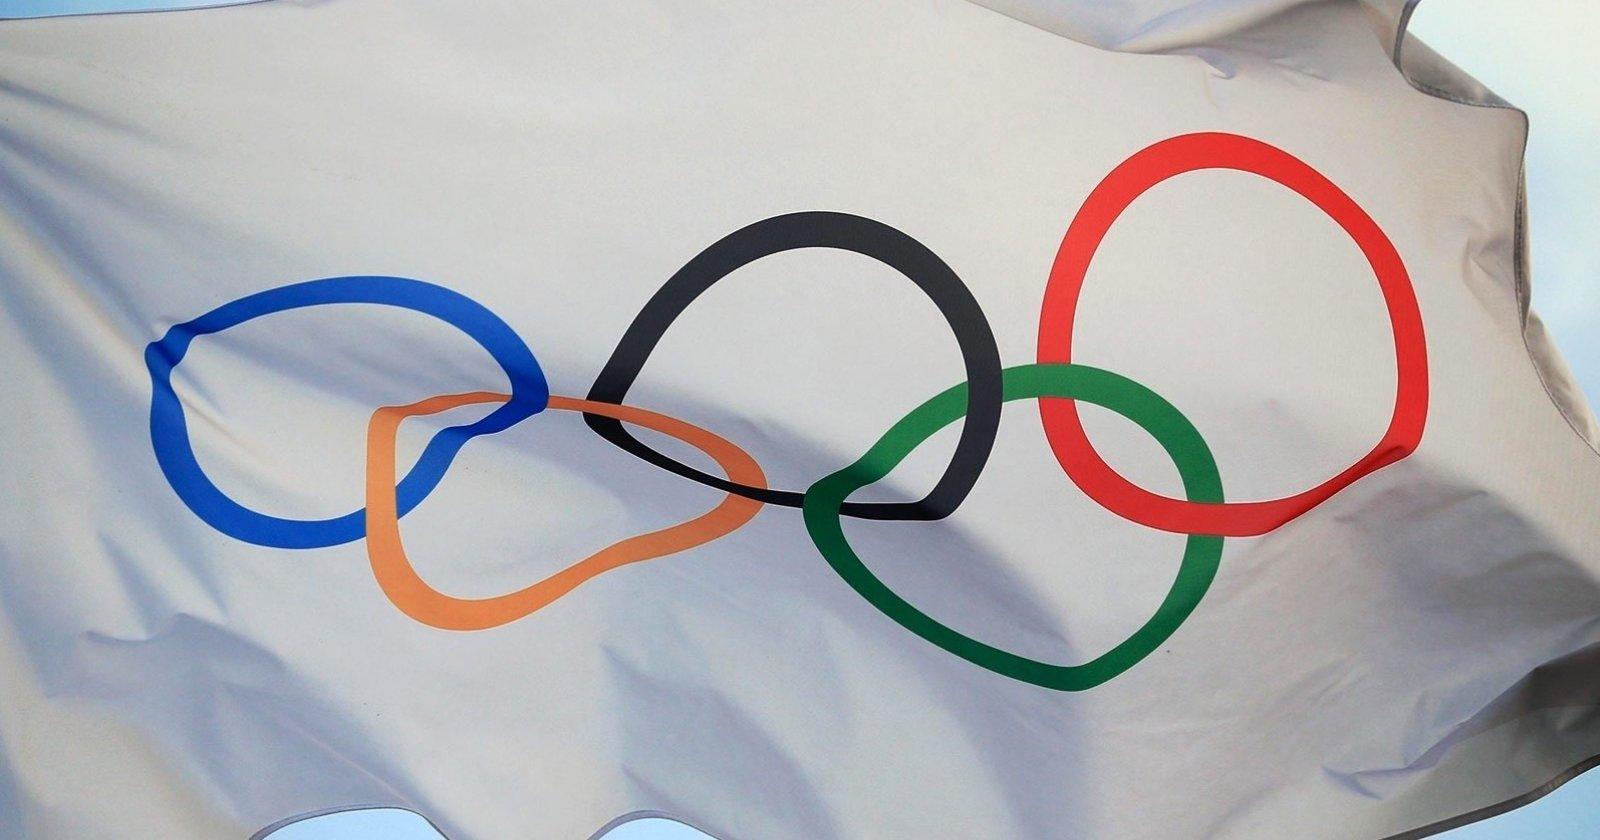 Juegos Olímpicos de Tokio podrían ser cancelados según el COI